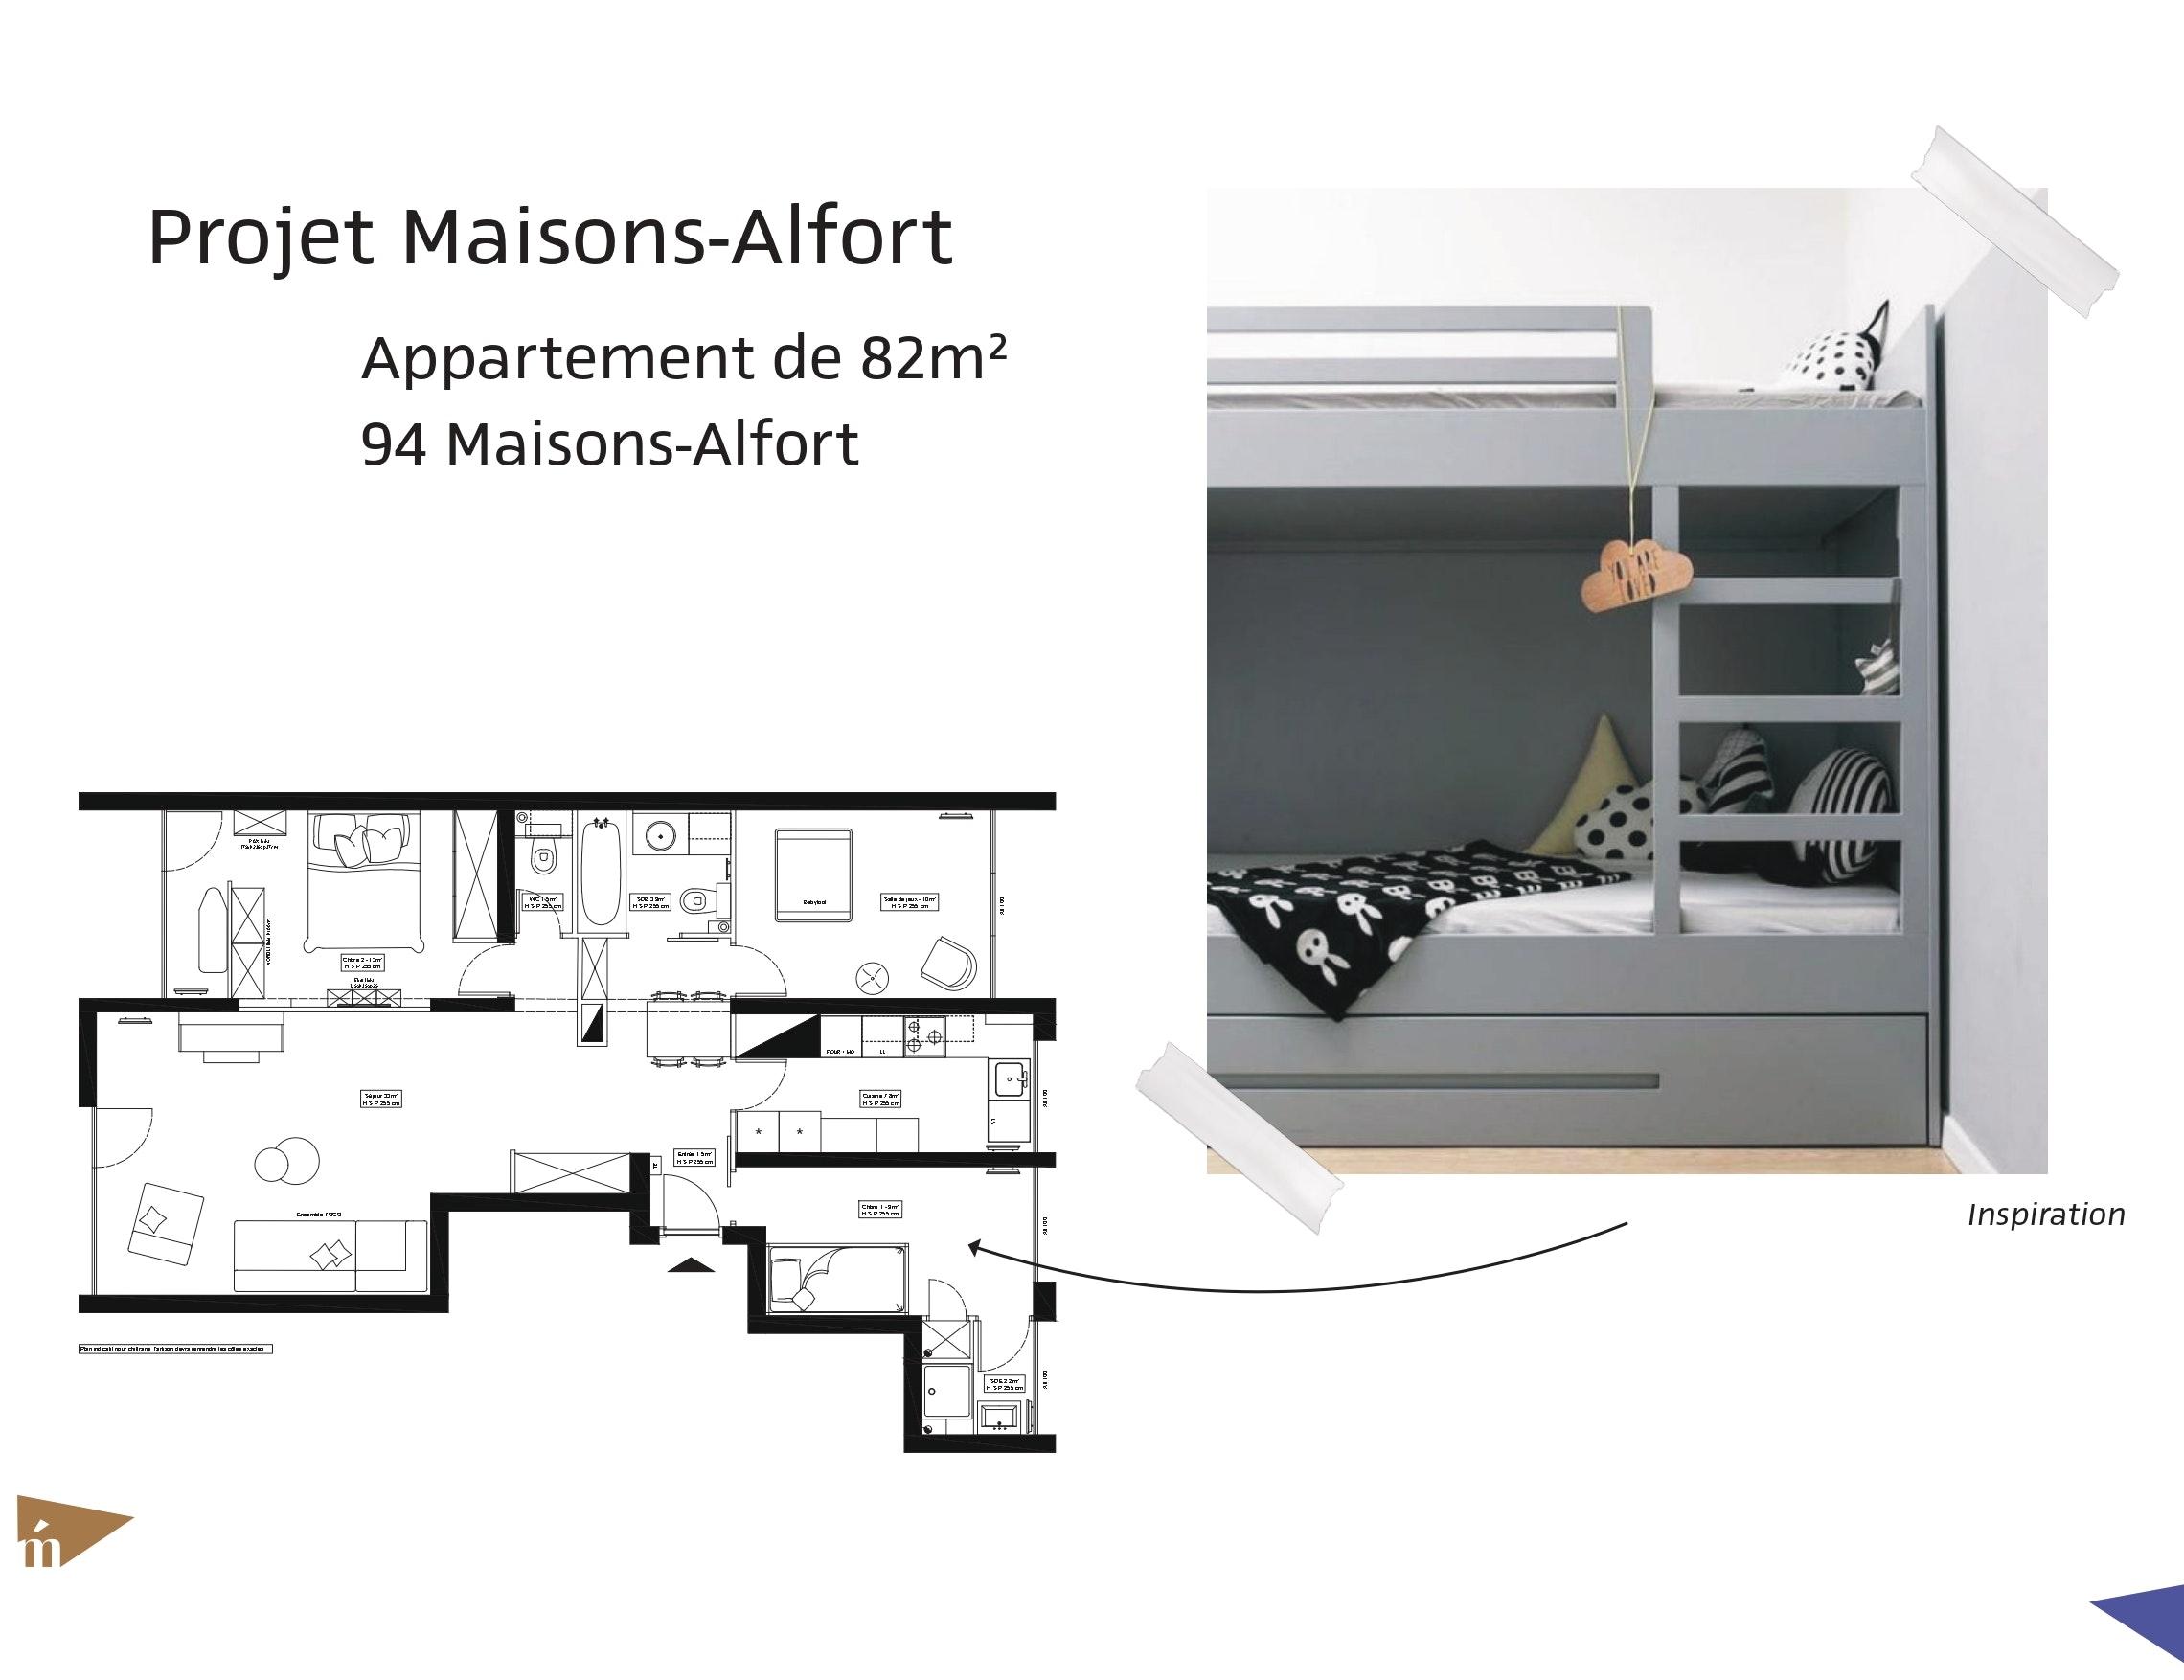 photo Projet Maisons-Alfort - T4 - 82 m² Léa Mast - Architecte hemea